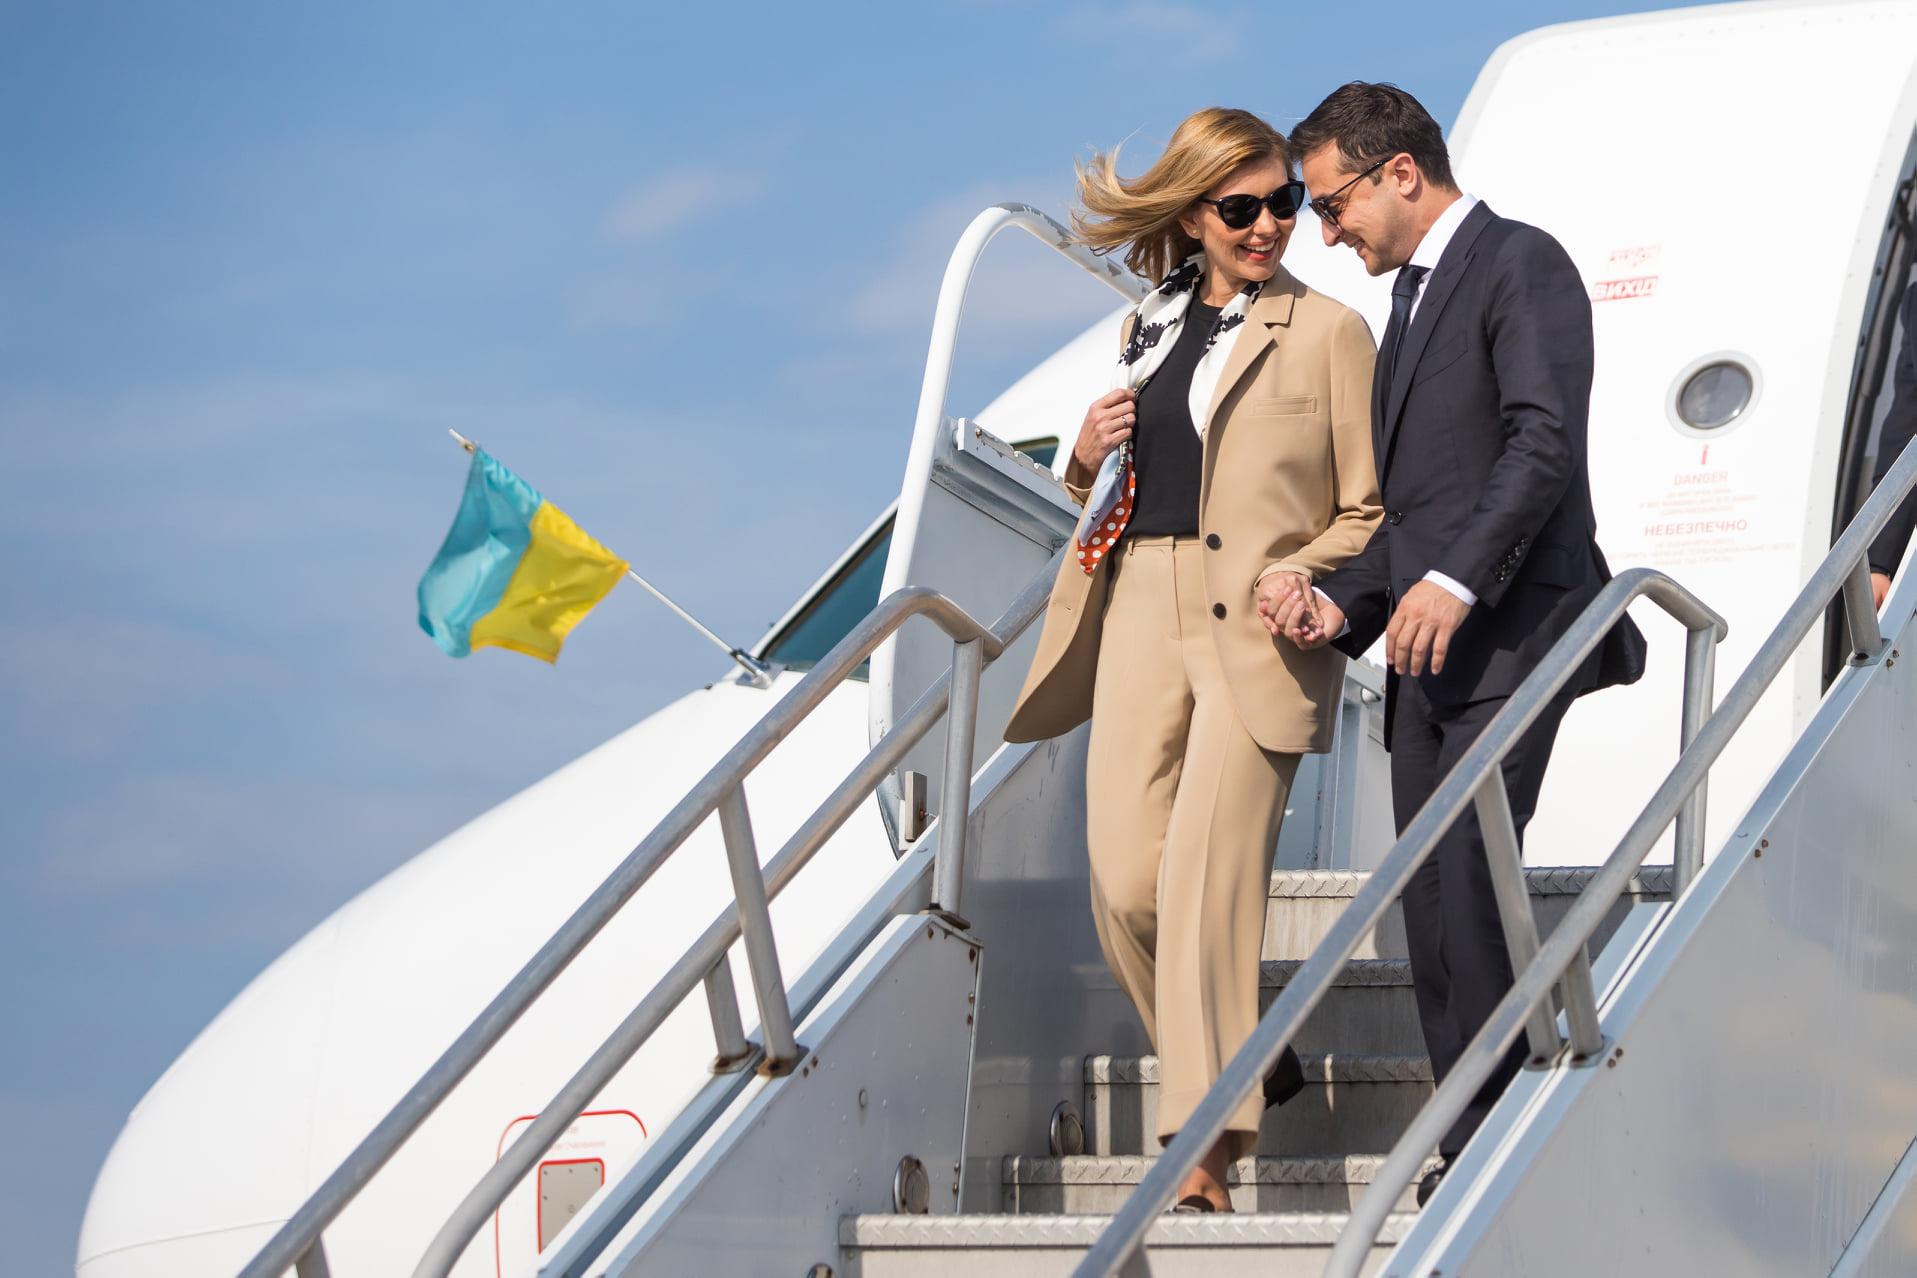 Як завжди прекрасна: Олена Зеленська підкорює Америку стильними нарядами в світлих тонах